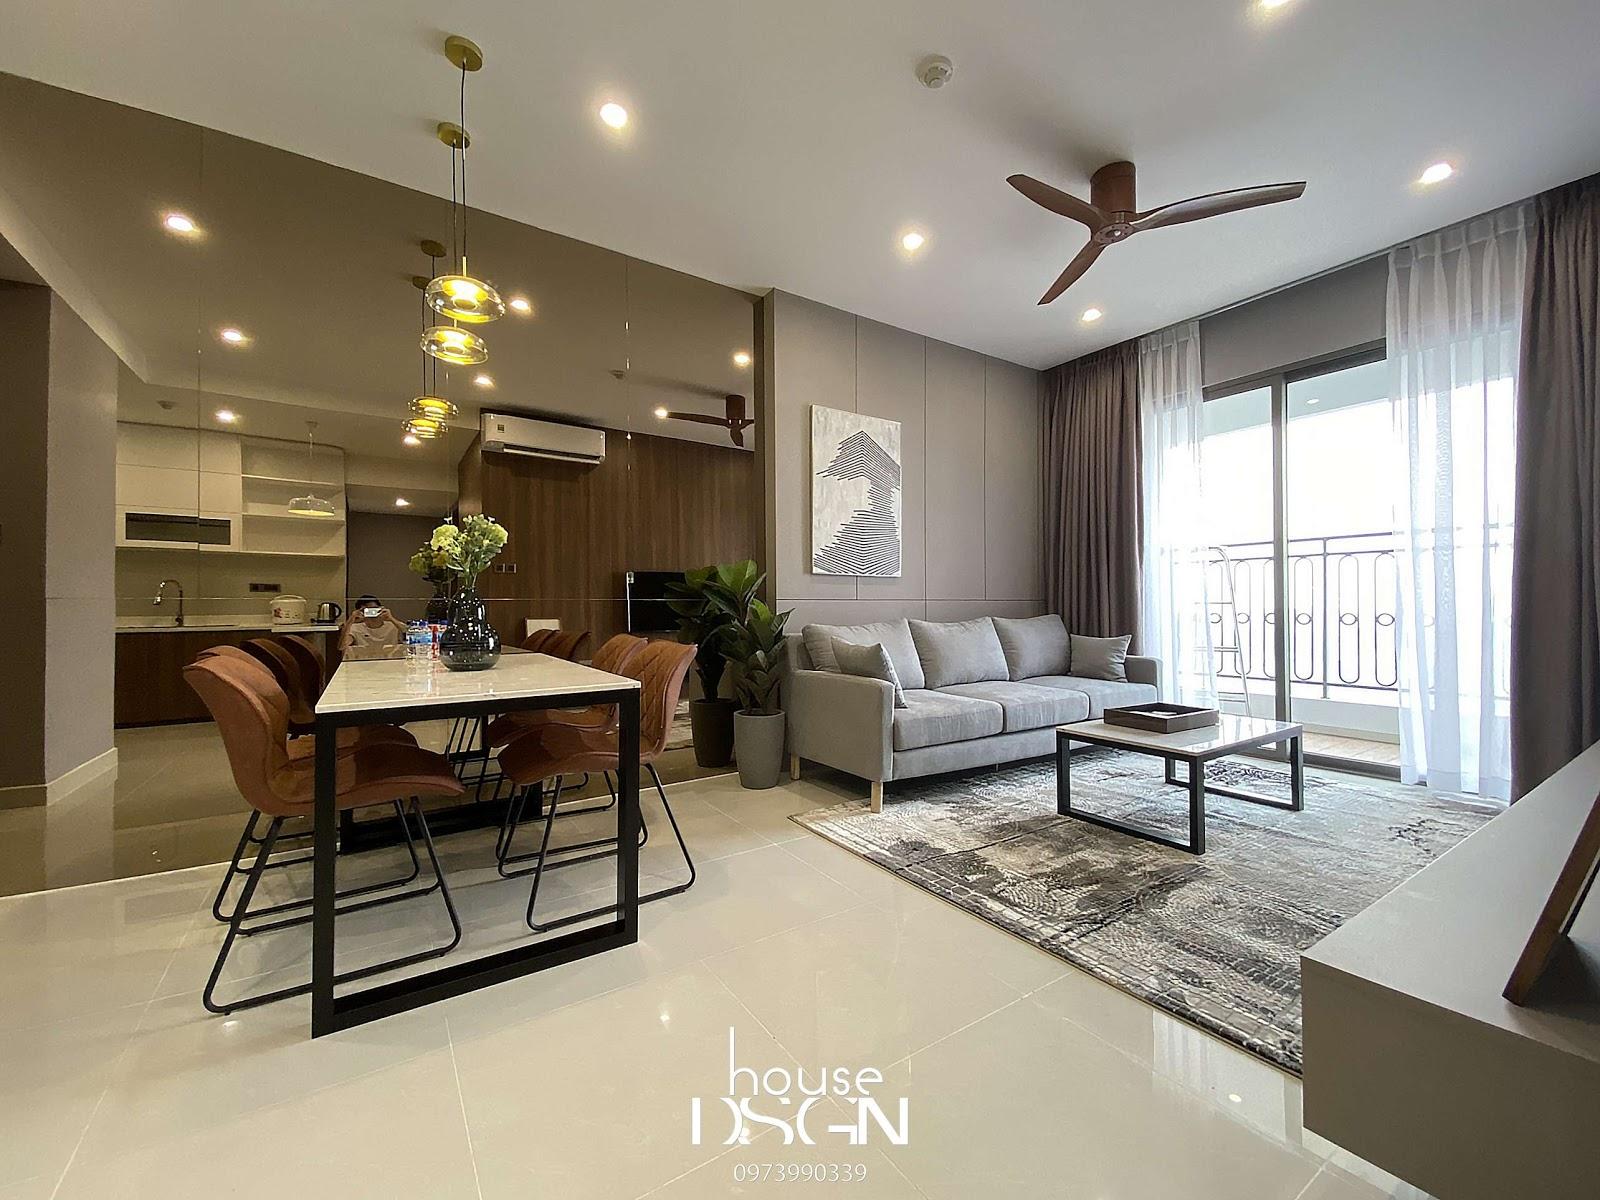 thiết kế phòng khách nhỏ đẹp - Housedesign